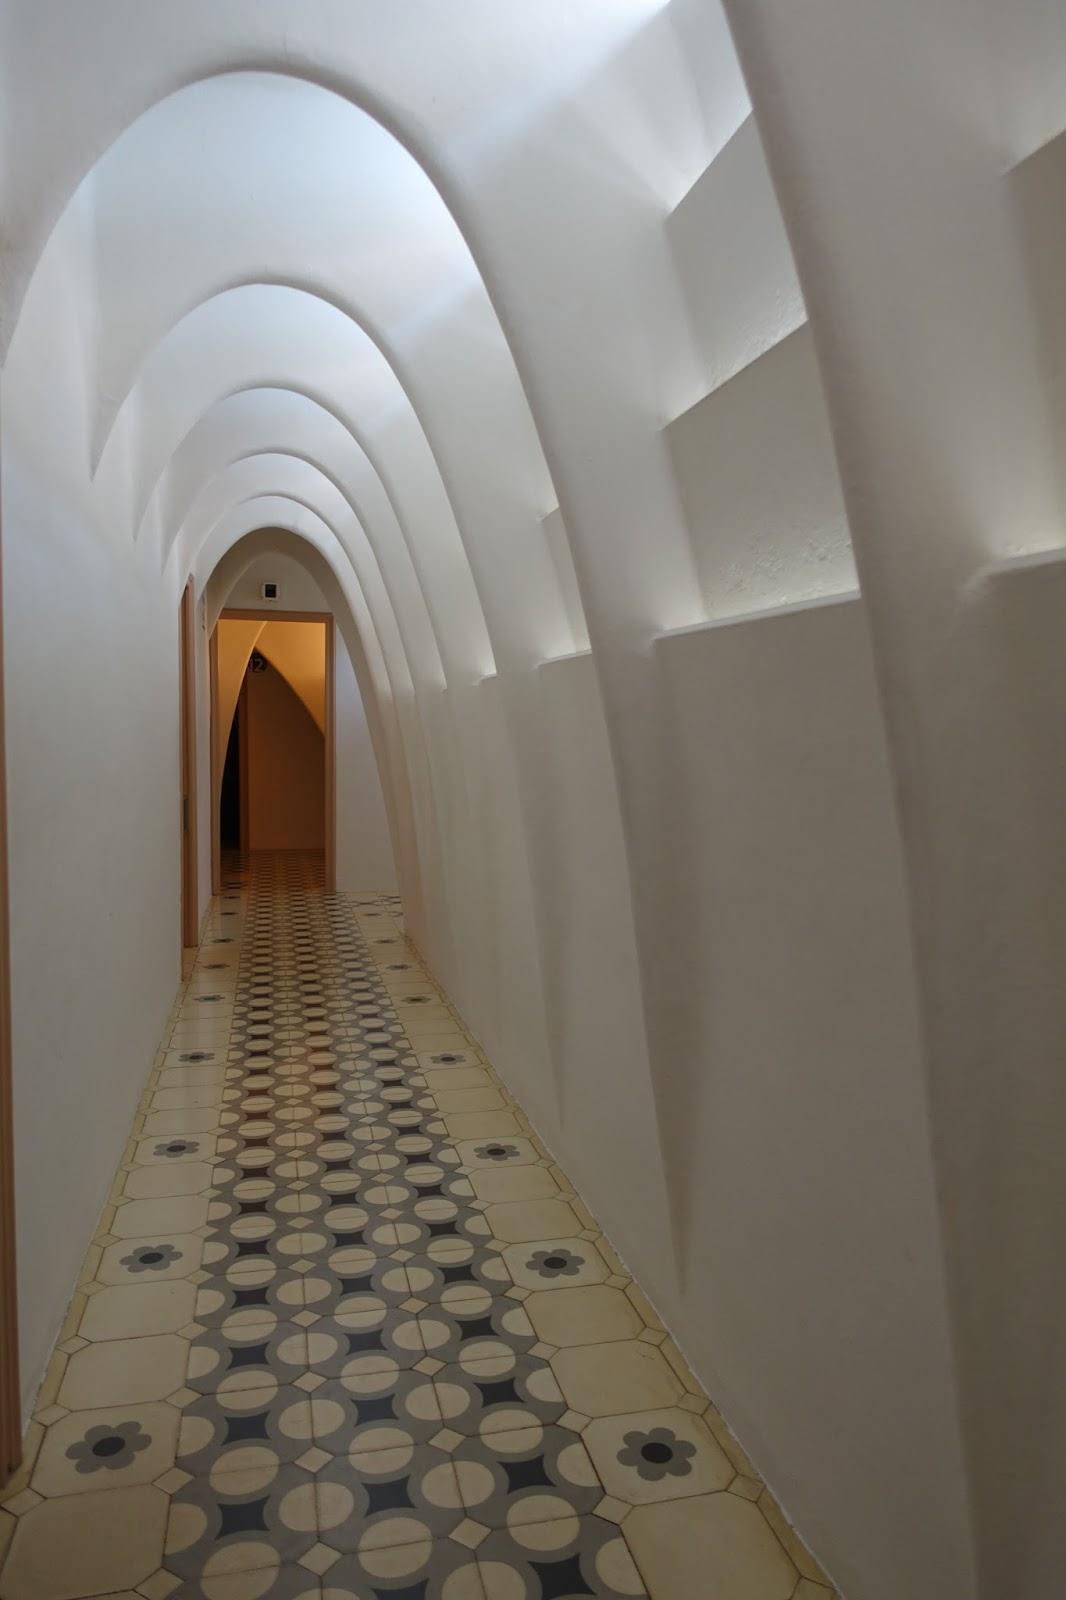 カサ・バトリョ(Casa Batlló) 屋根裏の回廊